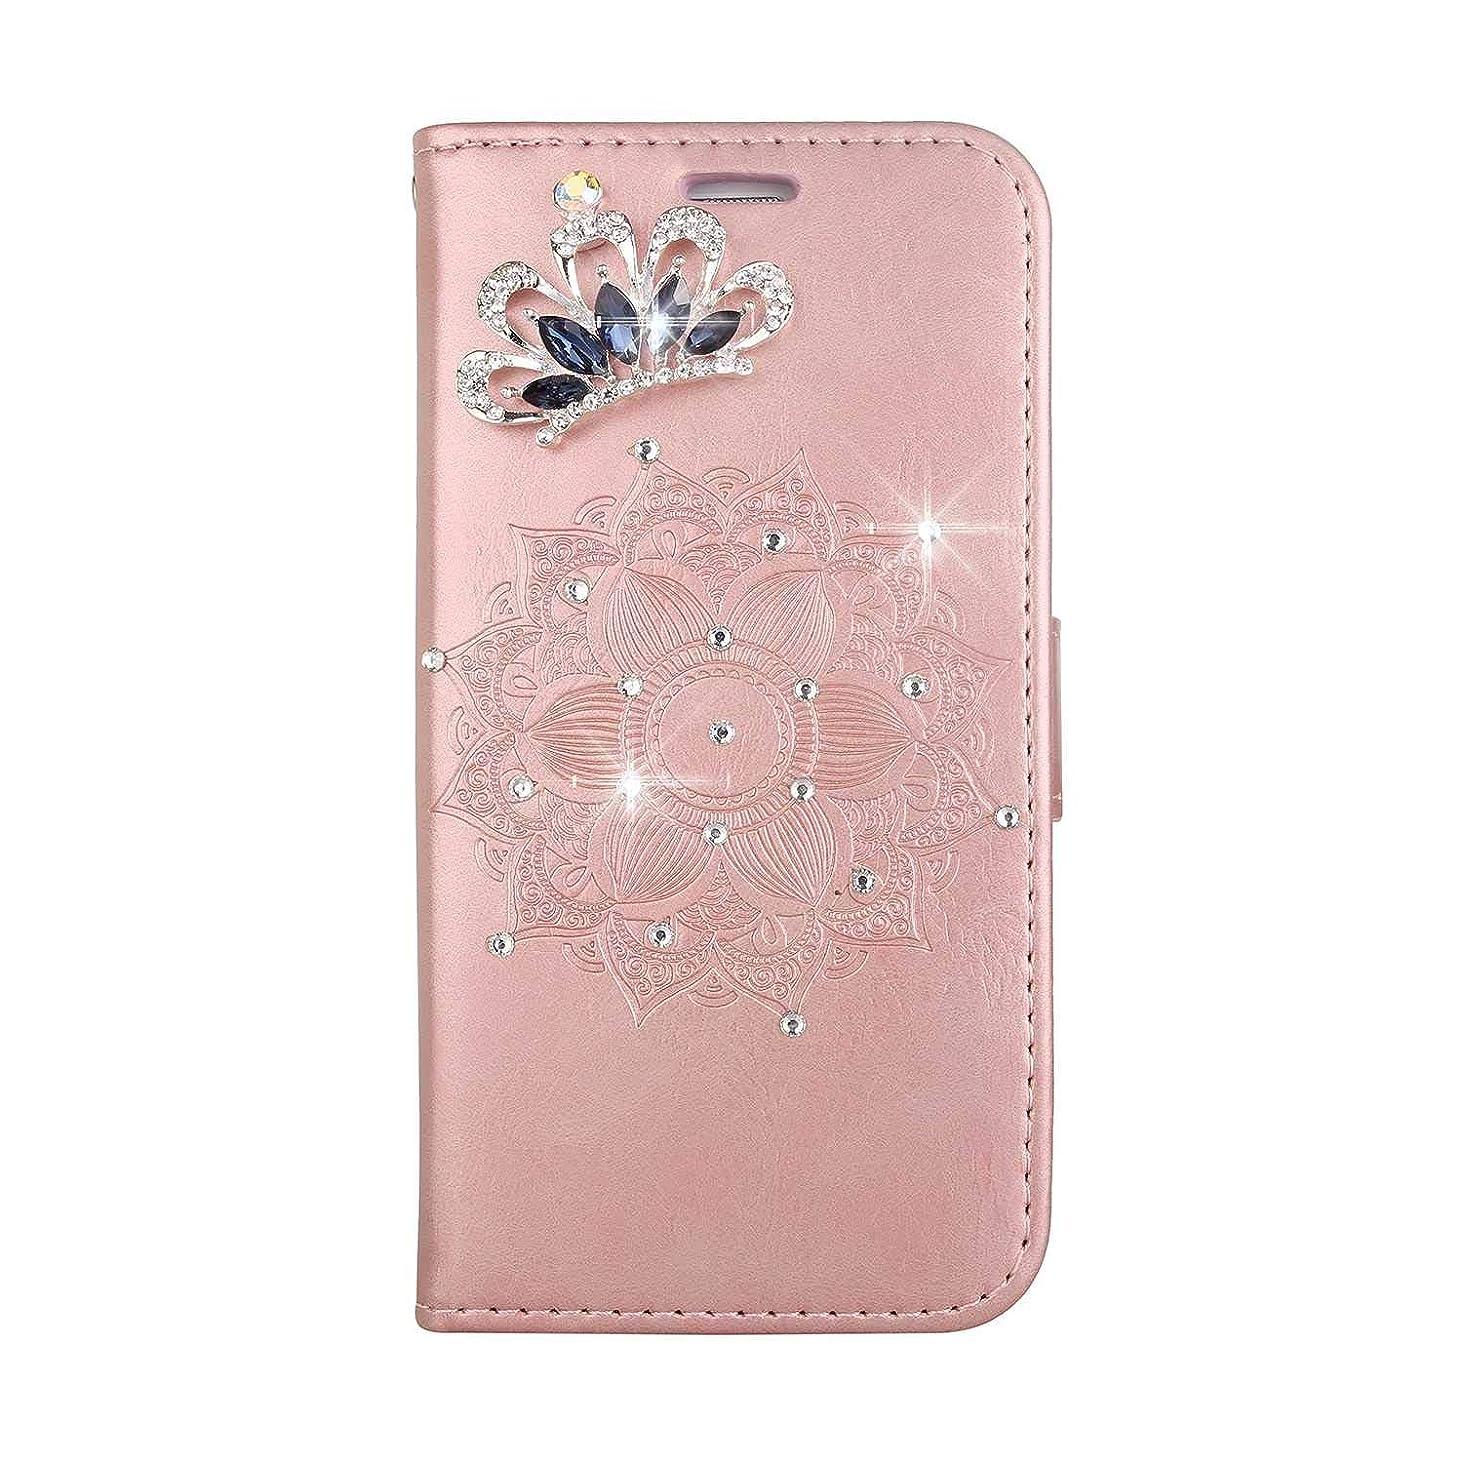 成熟なぜならテロOMATENTI Galaxy S6 Edge ケース, ファッション人気ダイヤモンドの輝きエンボスパターン PUレザー 落下防止 財布型カバー 付きカードホルダー Galaxy S6 Edge 用,ピンク